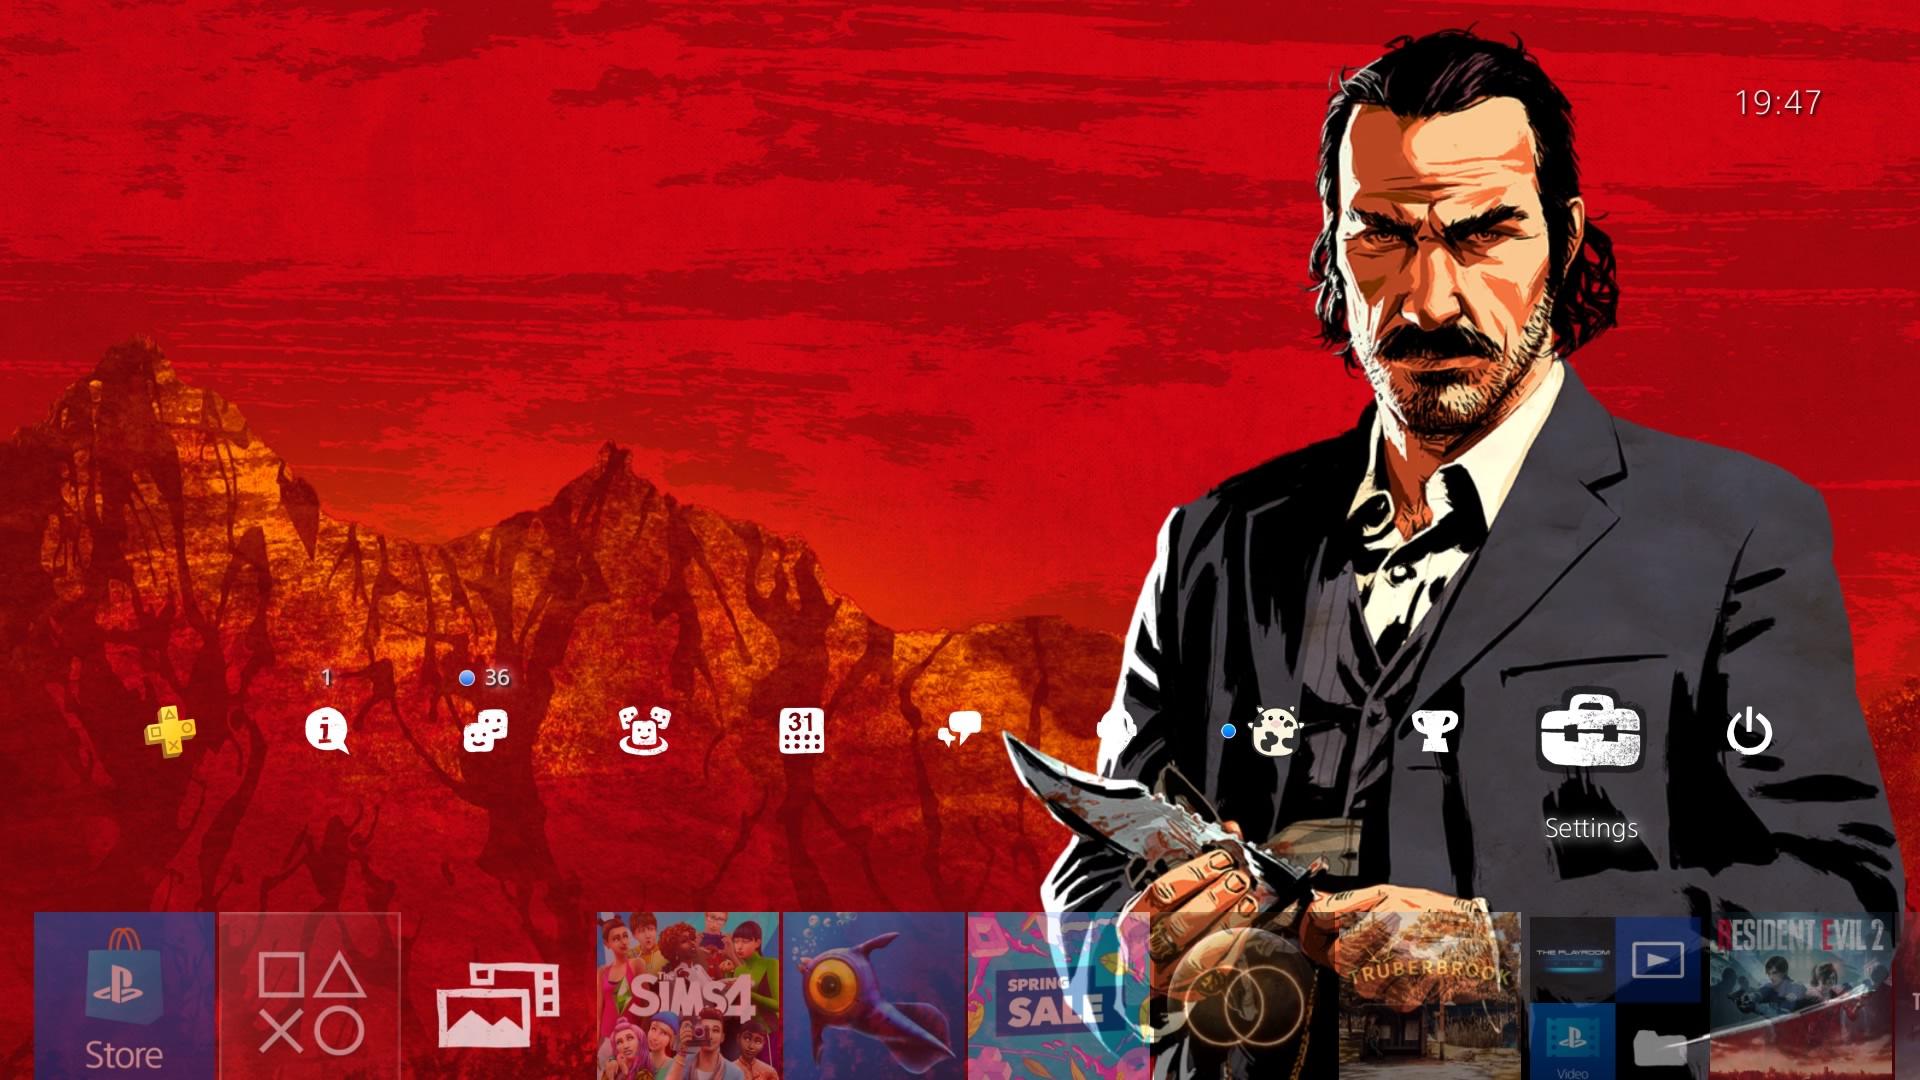 red dead redemption 2 theme.original - PlayStation 4 - Guida: i migliori temi gratuiti da scaricare